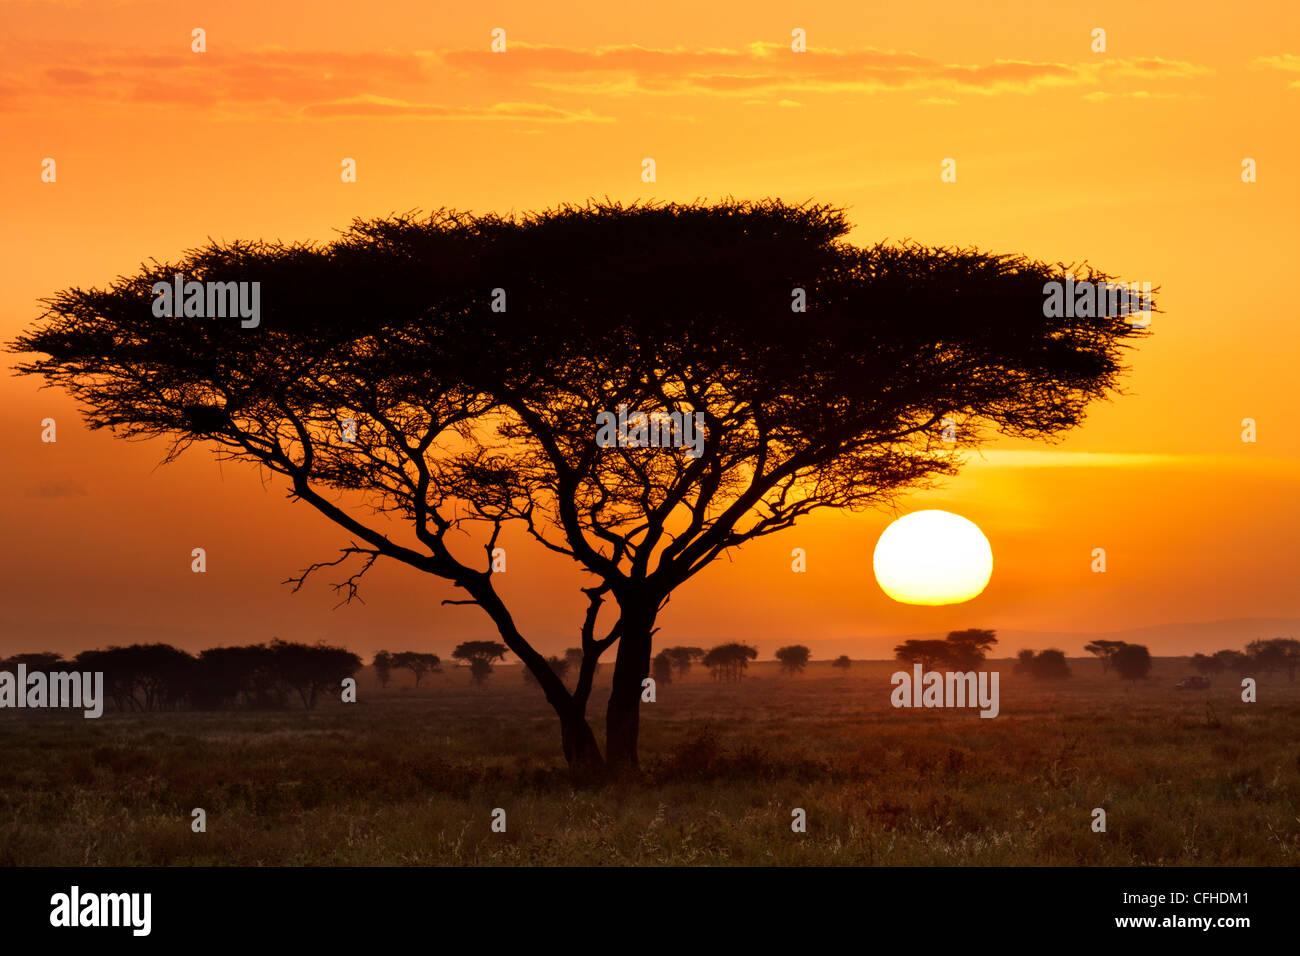 Serengeti Sunset - Stock Image